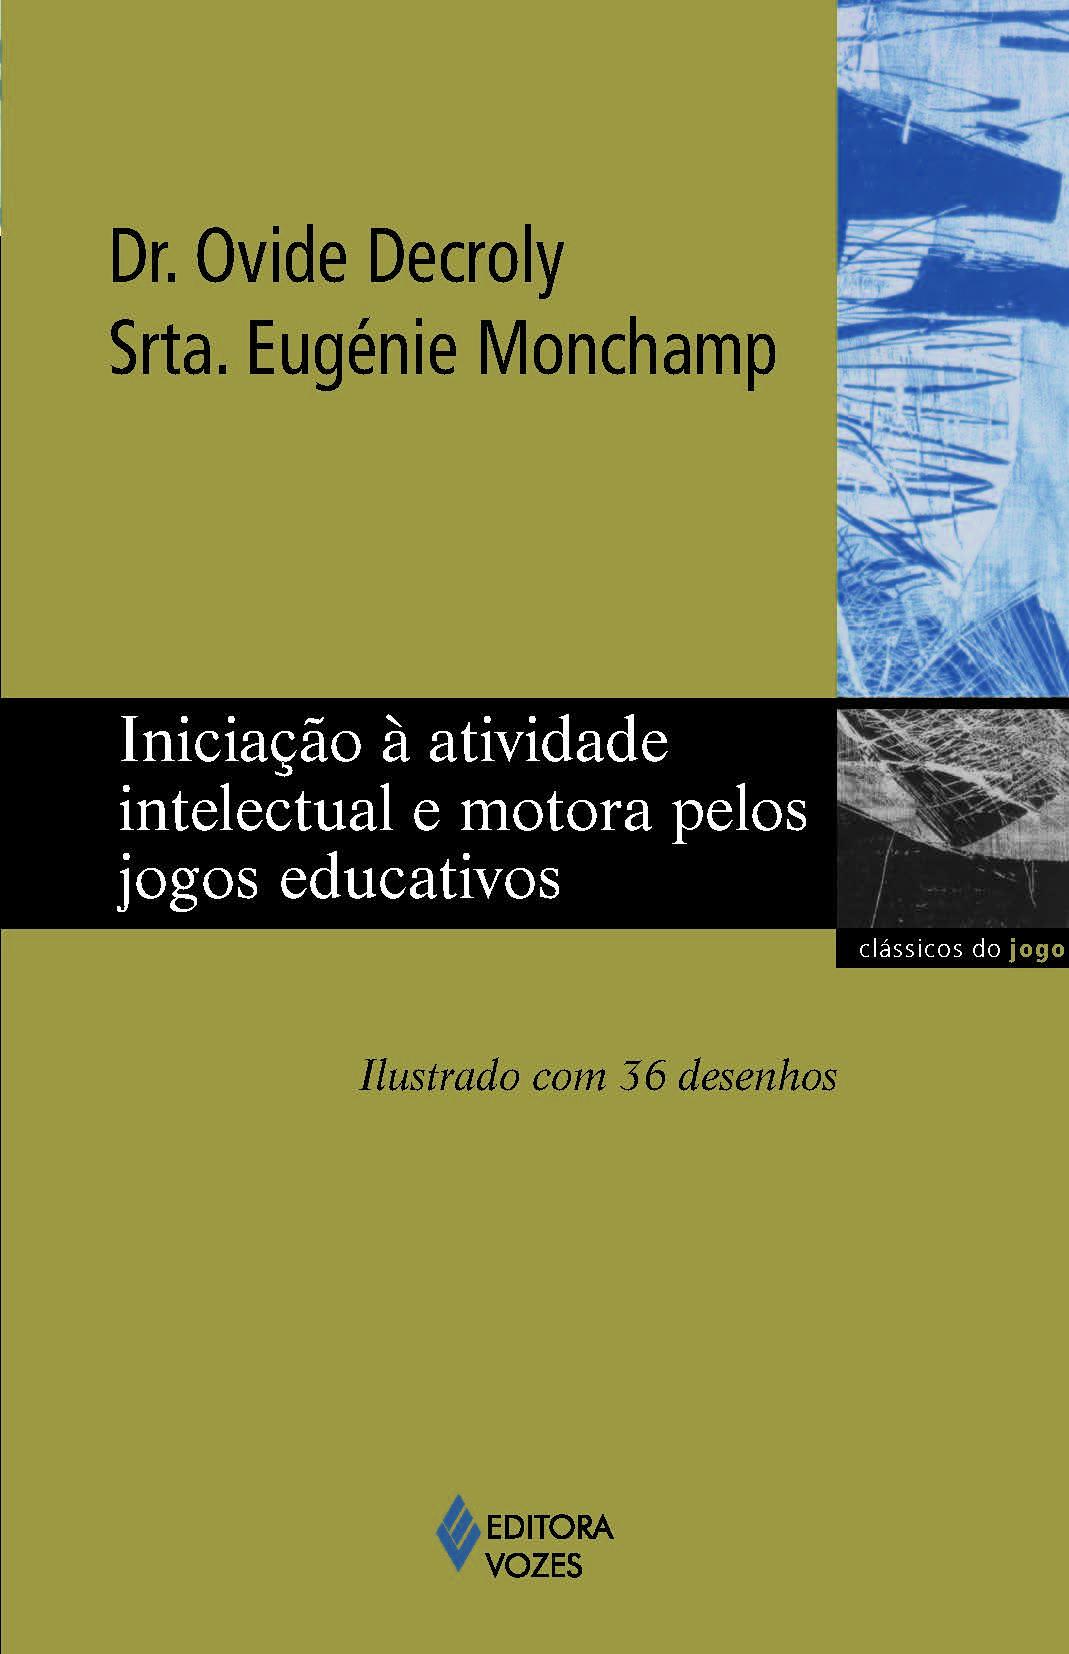 INICIAÇÃO À ATIVIDADE INTELECTUAL E MOTORA PELOS JOGOS EDUCATIVOS